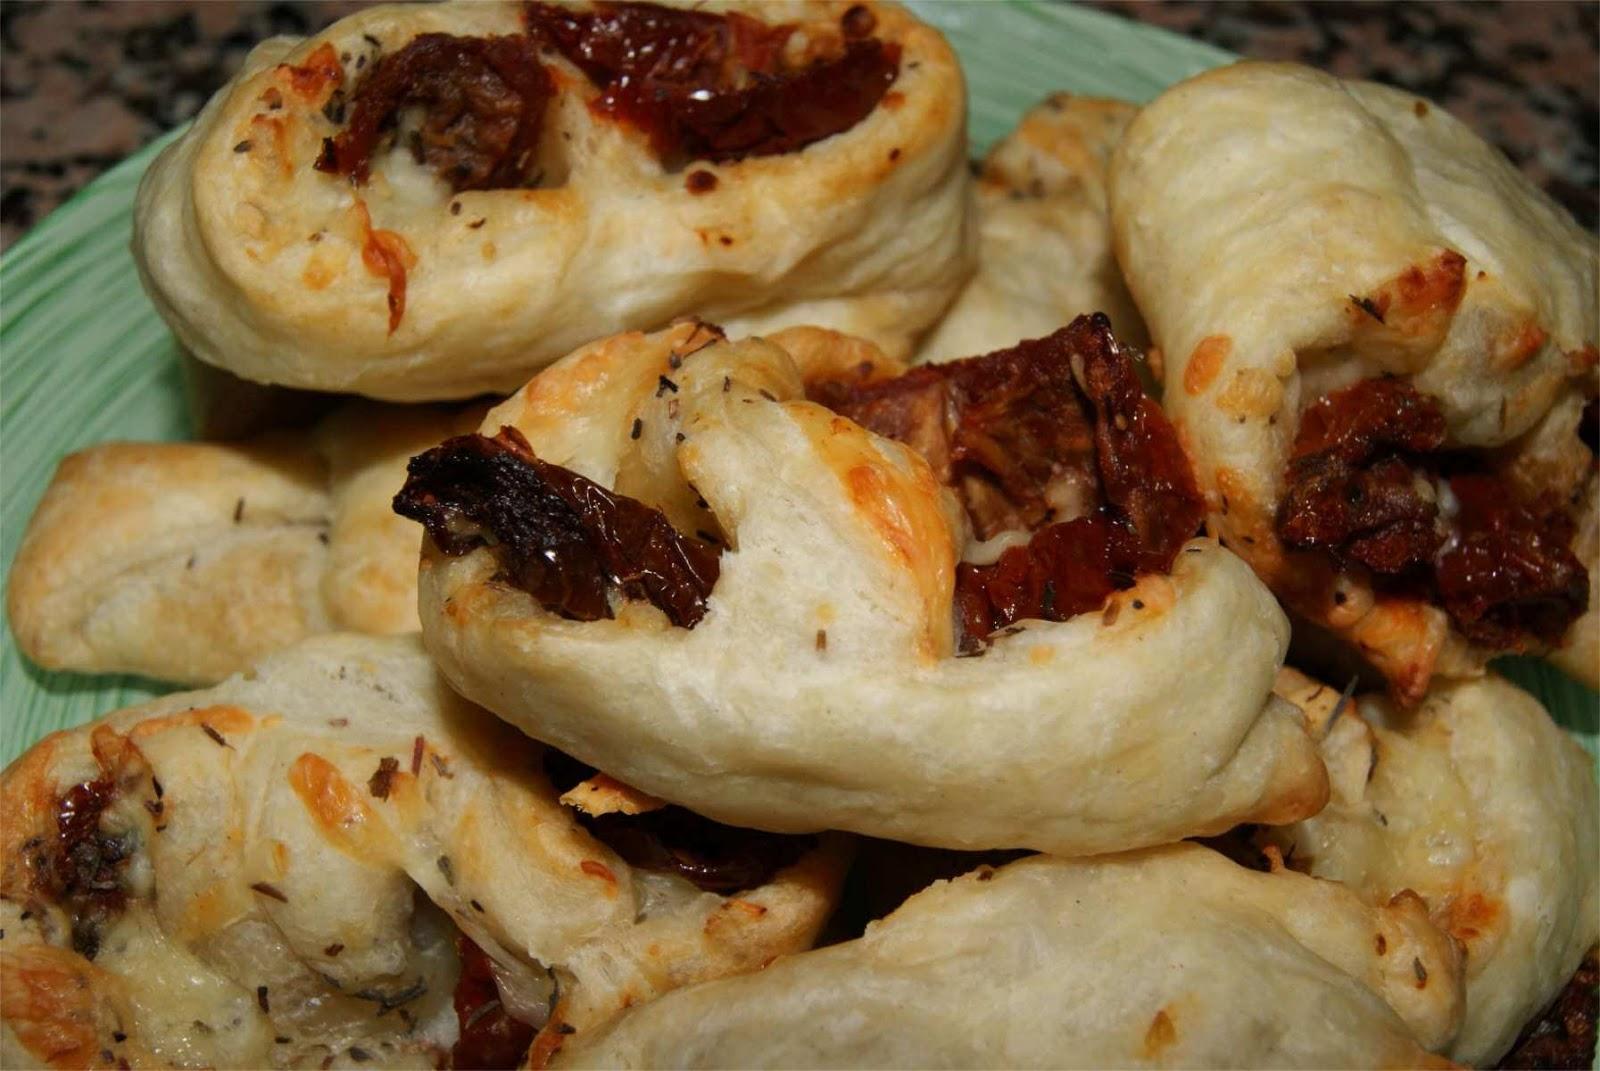 Palmeritas de tomate y queso #Asaltablogs